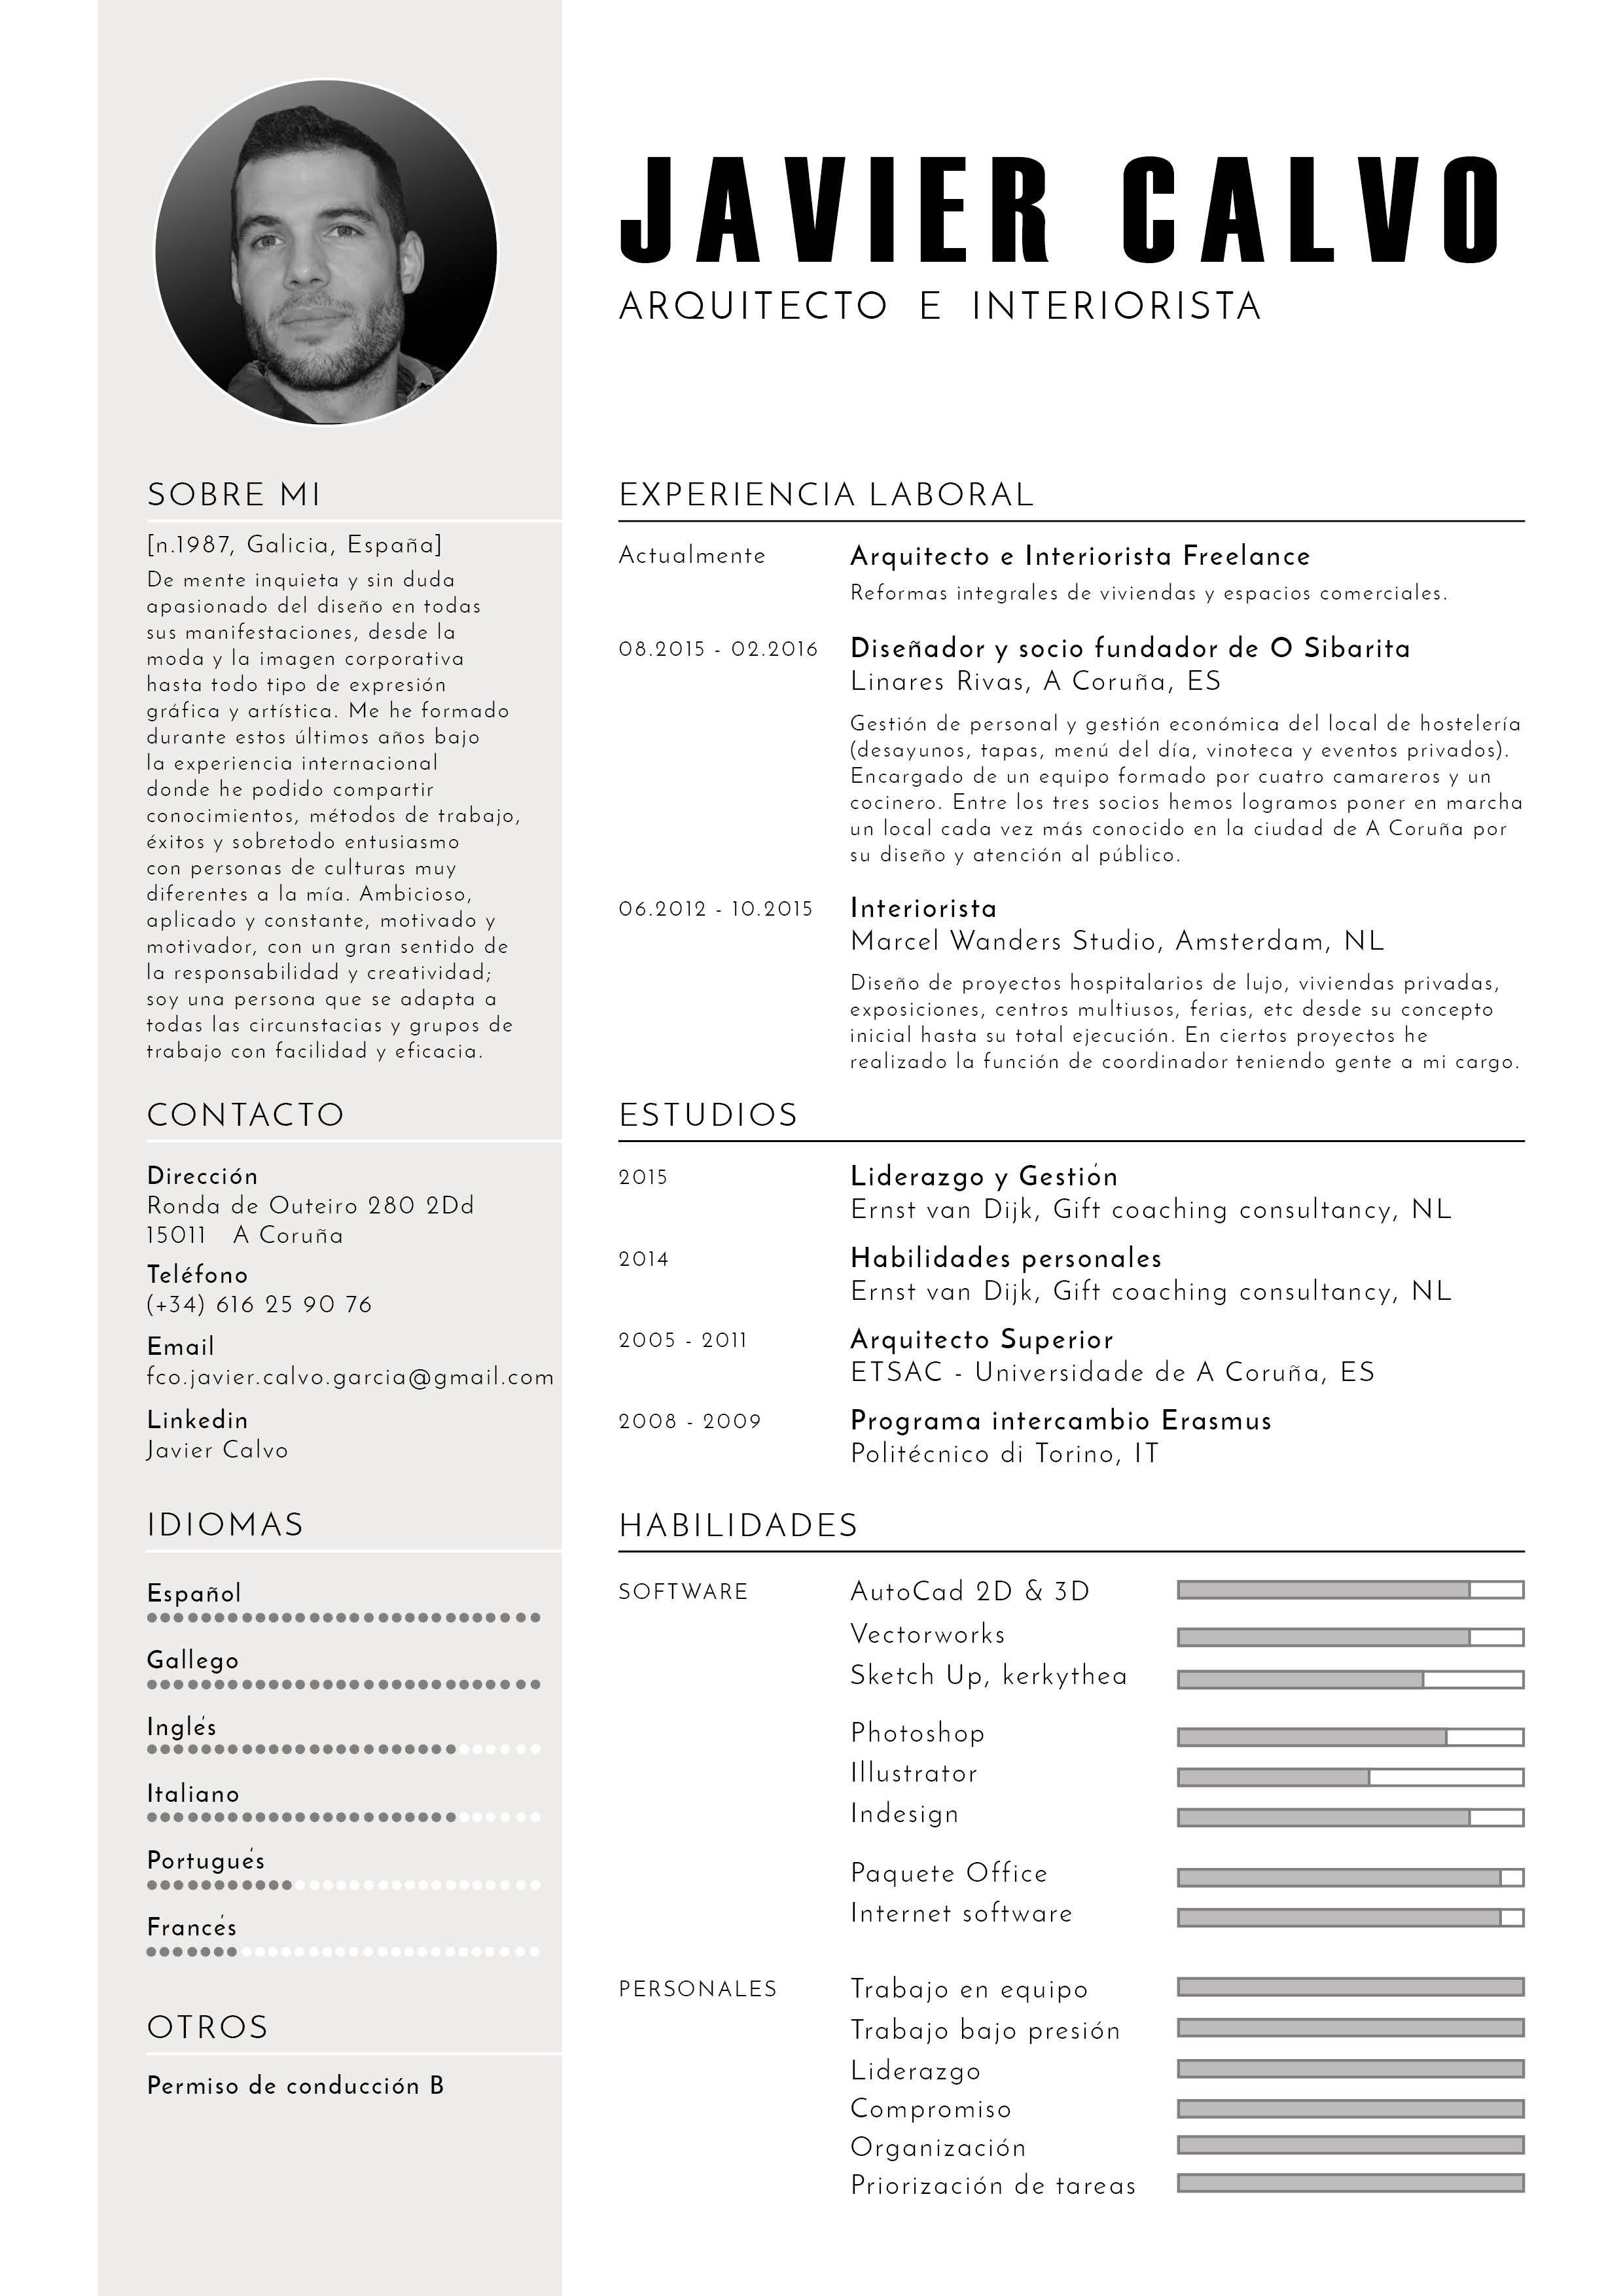 Diseno Atractivo De Cv En Espanol Javier Calvo Arquitecto E Interiorista Modelos De Curriculum Vitae Curriculum Vitae Curriculum Vitae Diseno Grafico